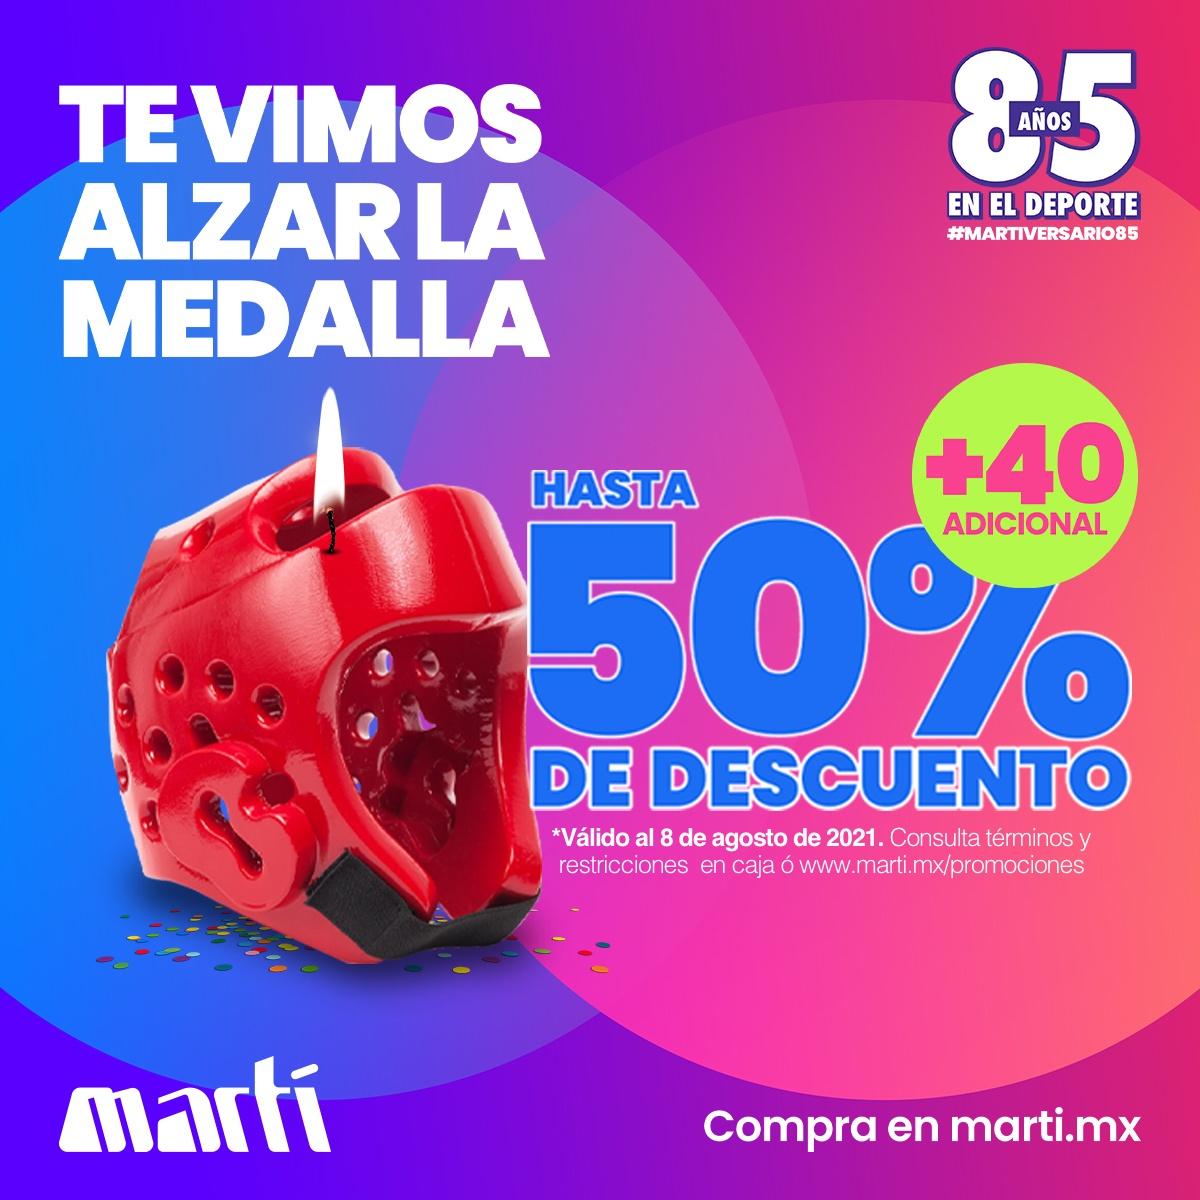 Martí: Venta Final Hasta 50% + 40% Adicional